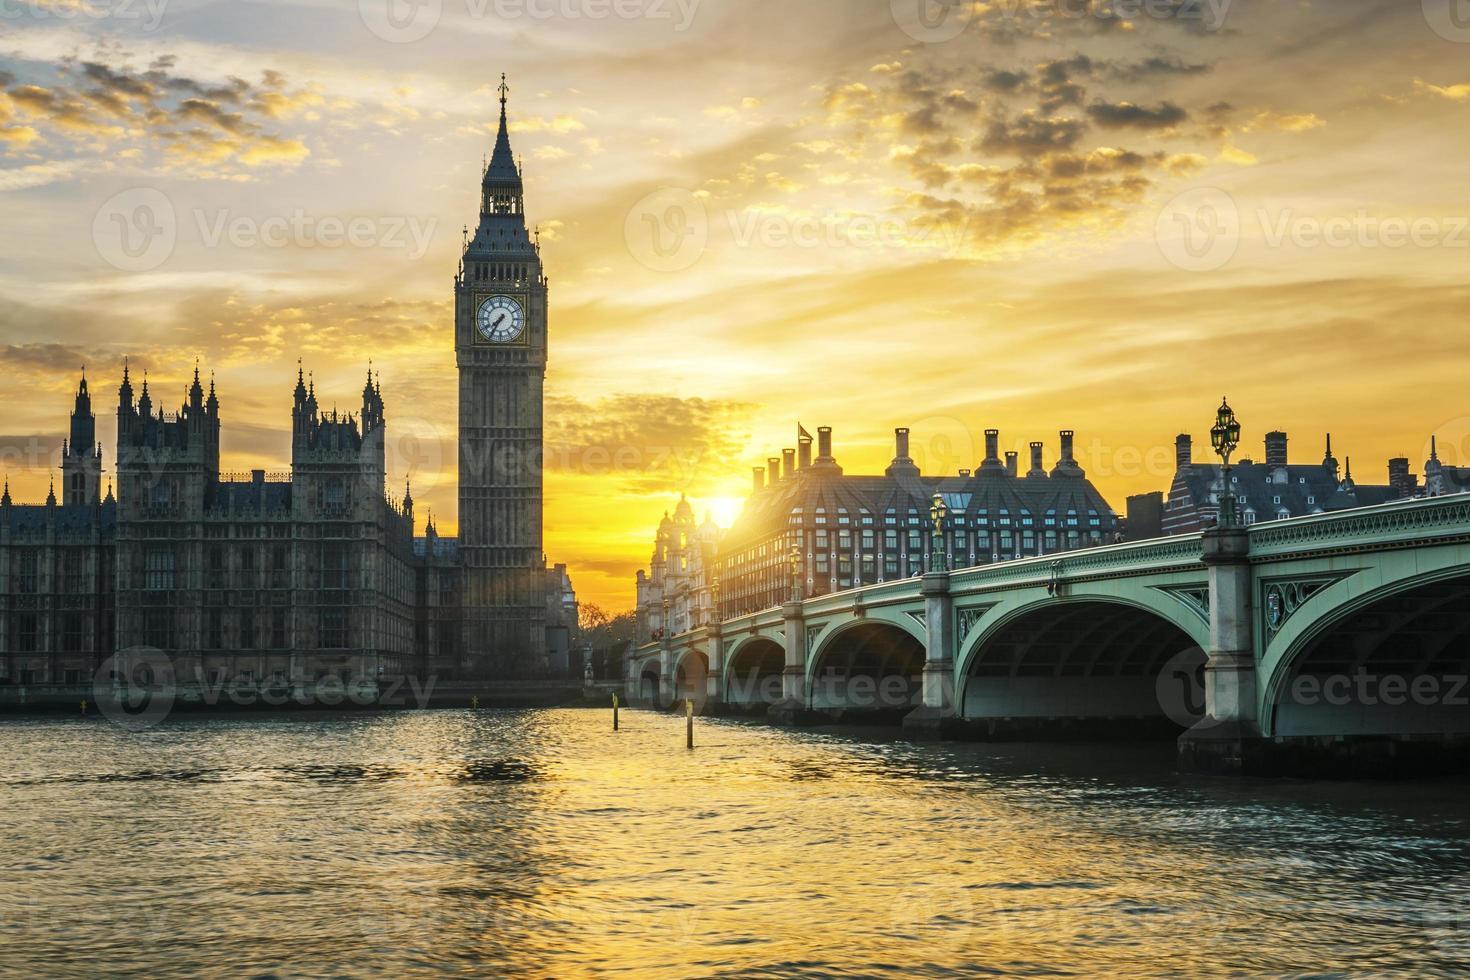 famosa Torre dell'orologio Big Ben a Londra al tramonto foto